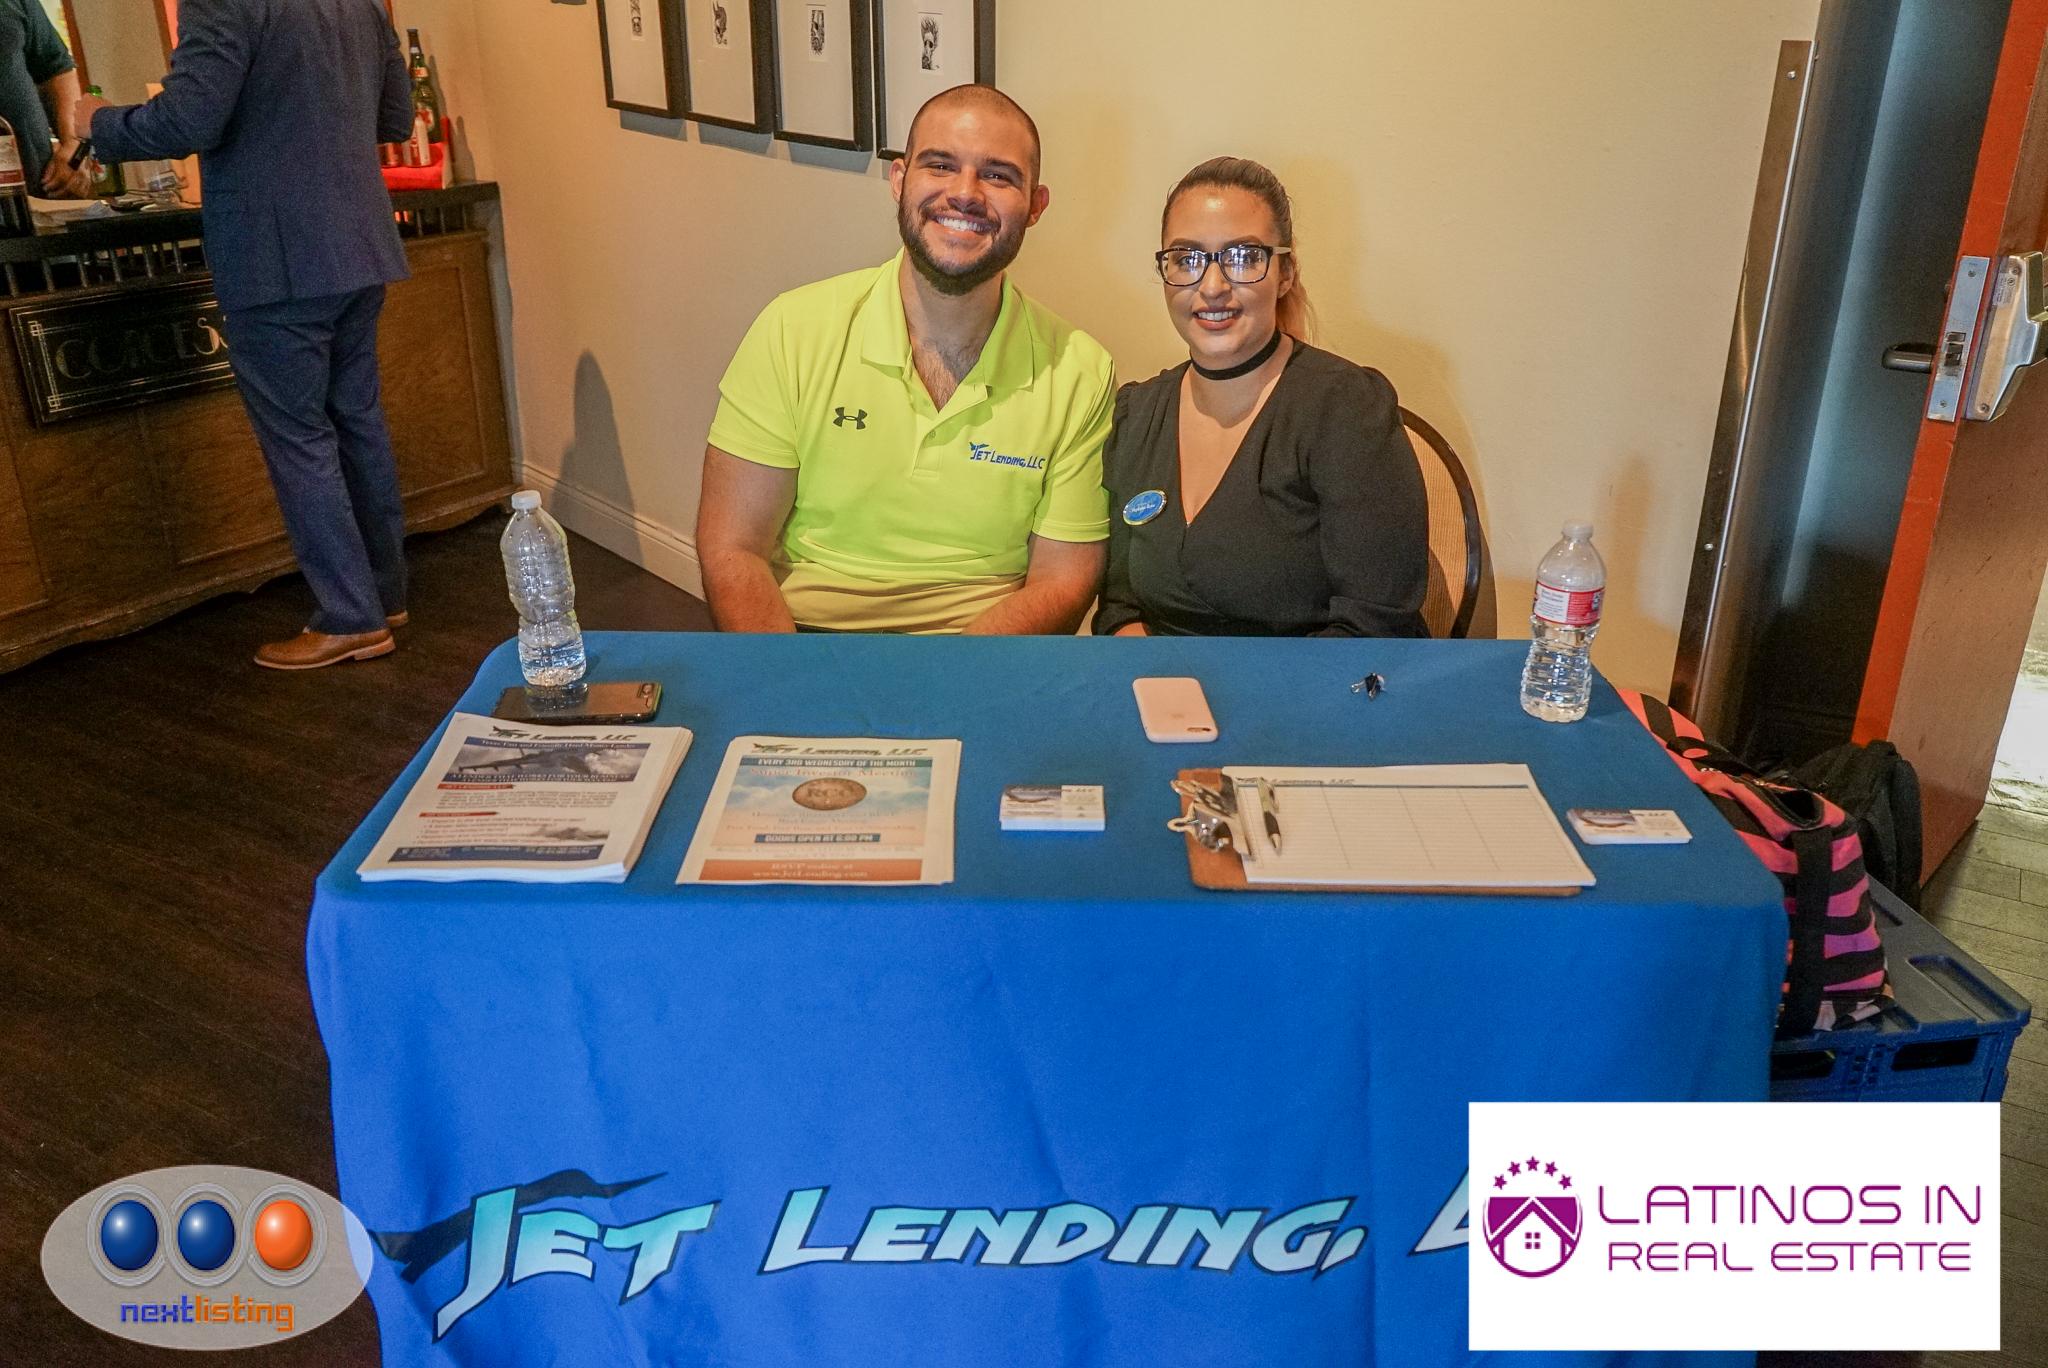 Sponsor Jet Lending